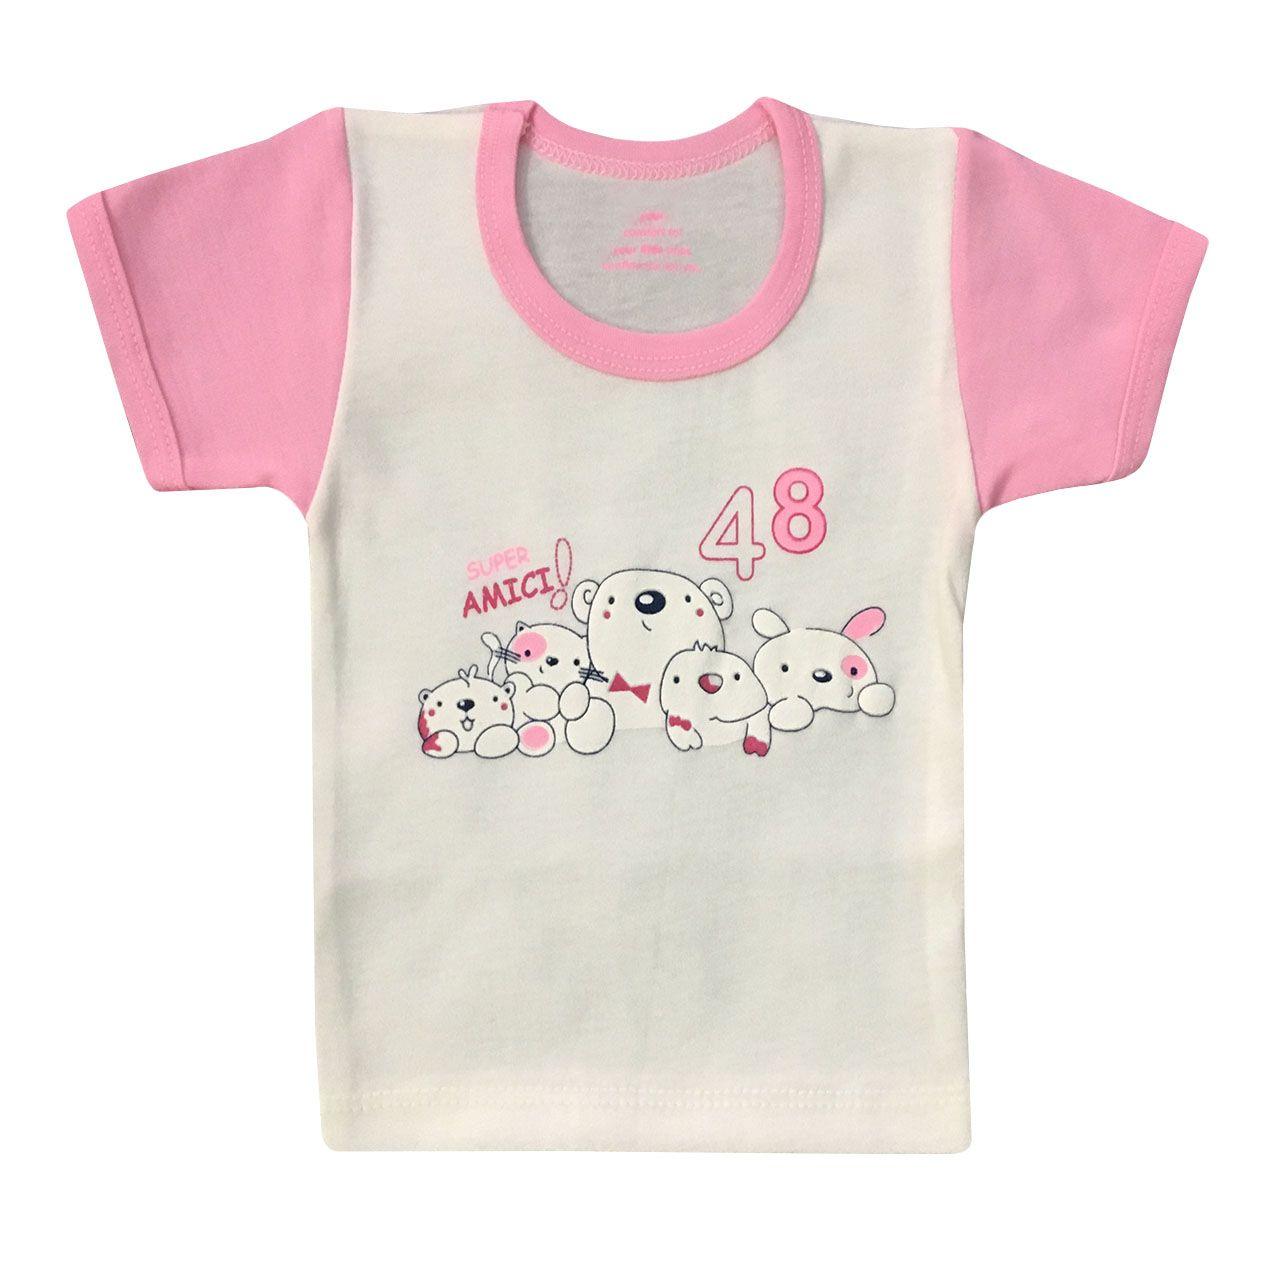 ست 3 تکه لباس نوزادی دخترانه شاهین طرح امیکی کد M -  - 3